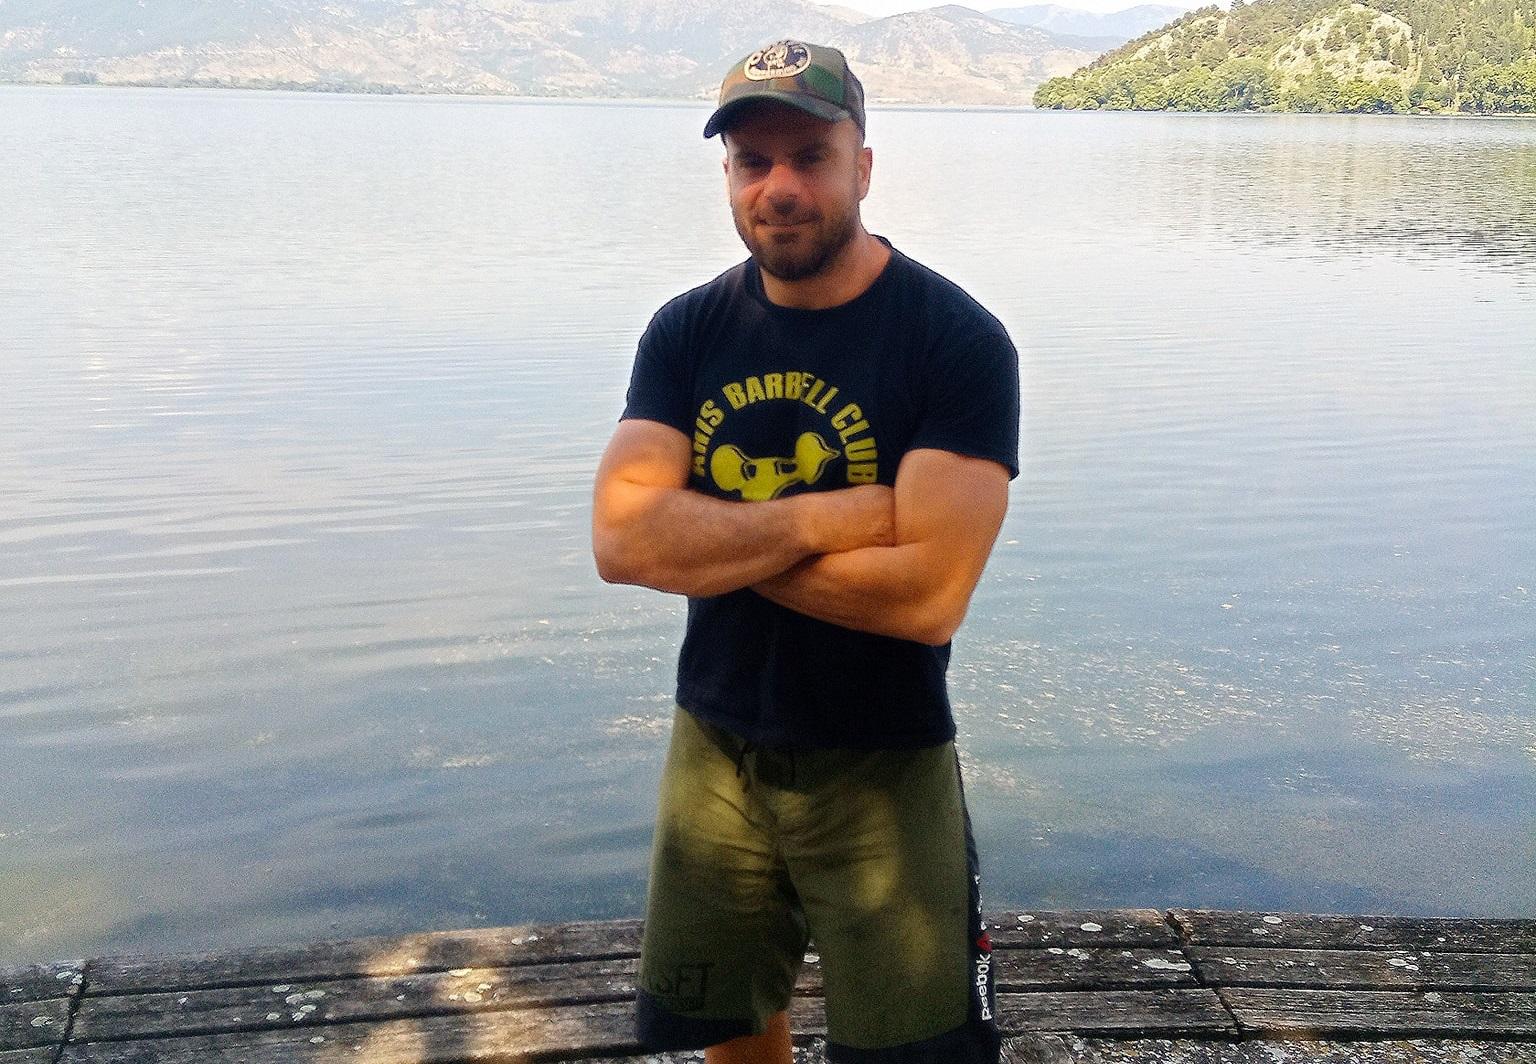 Άρση Βαρών: Εξελέγη στο δ.σ. της Ε.Ο.Α.Β. ο Θανάσης Ζησιόπουλος